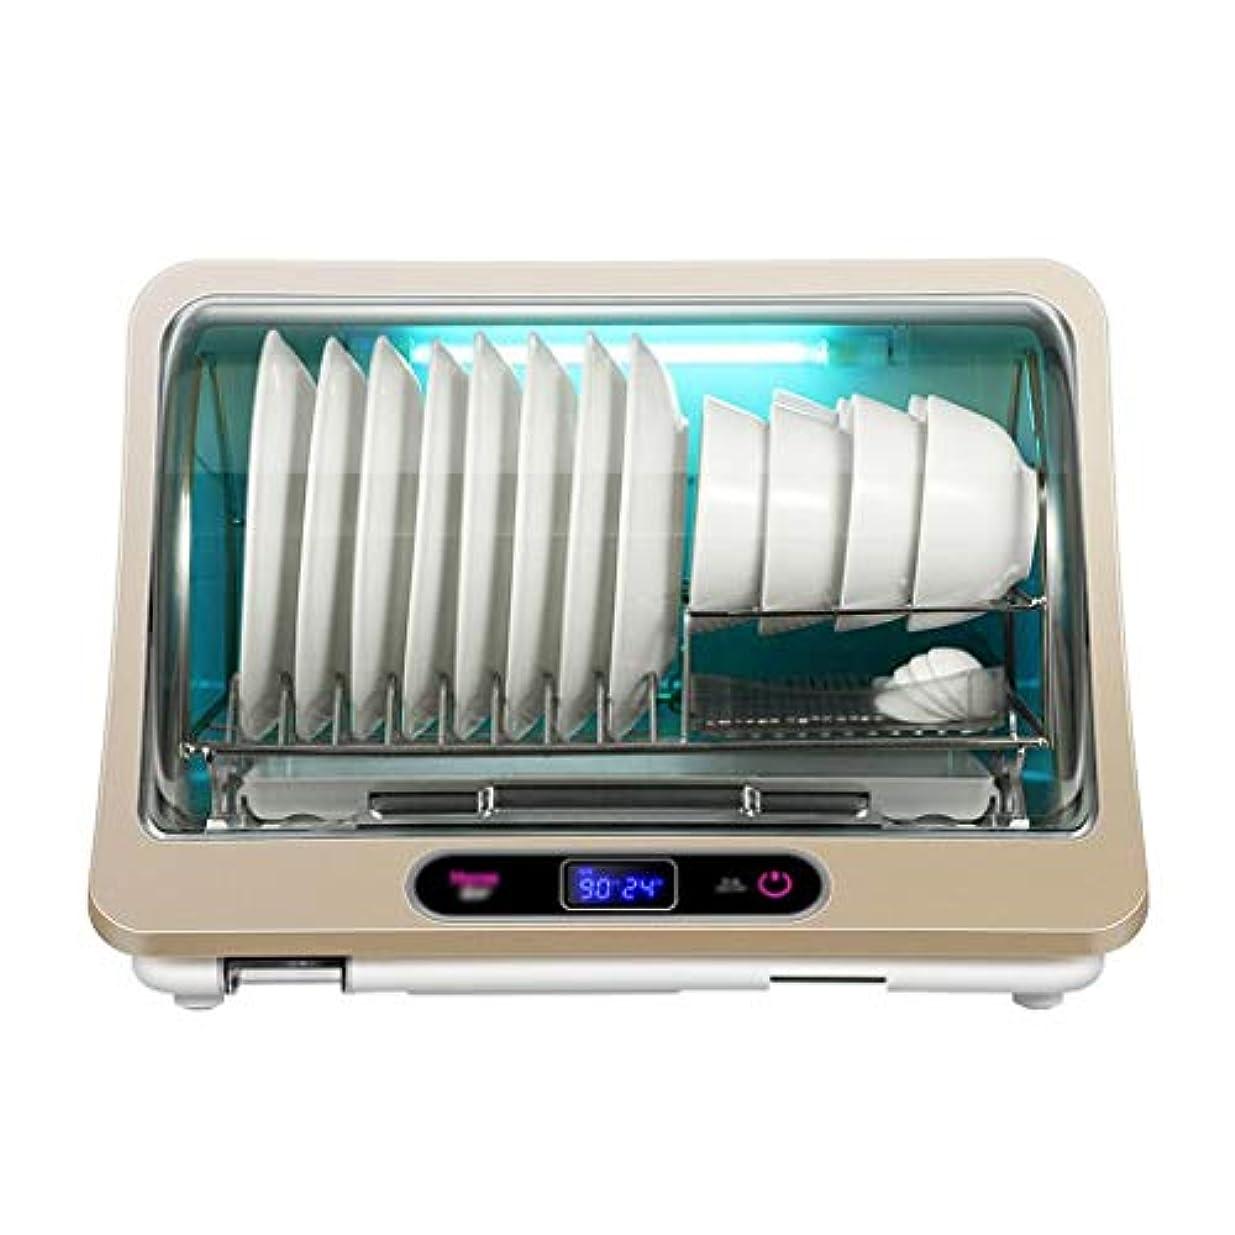 医療の再生可能お肉紫外線消毒の食器棚家のデスクトップの消毒のキャビネット小型クリーニングのキャビネット高温殺菌のキャビネット、35L容量 業務用食器洗い乾燥機 (Color : Gray, Size : 49.5*33.5*35.8cm)